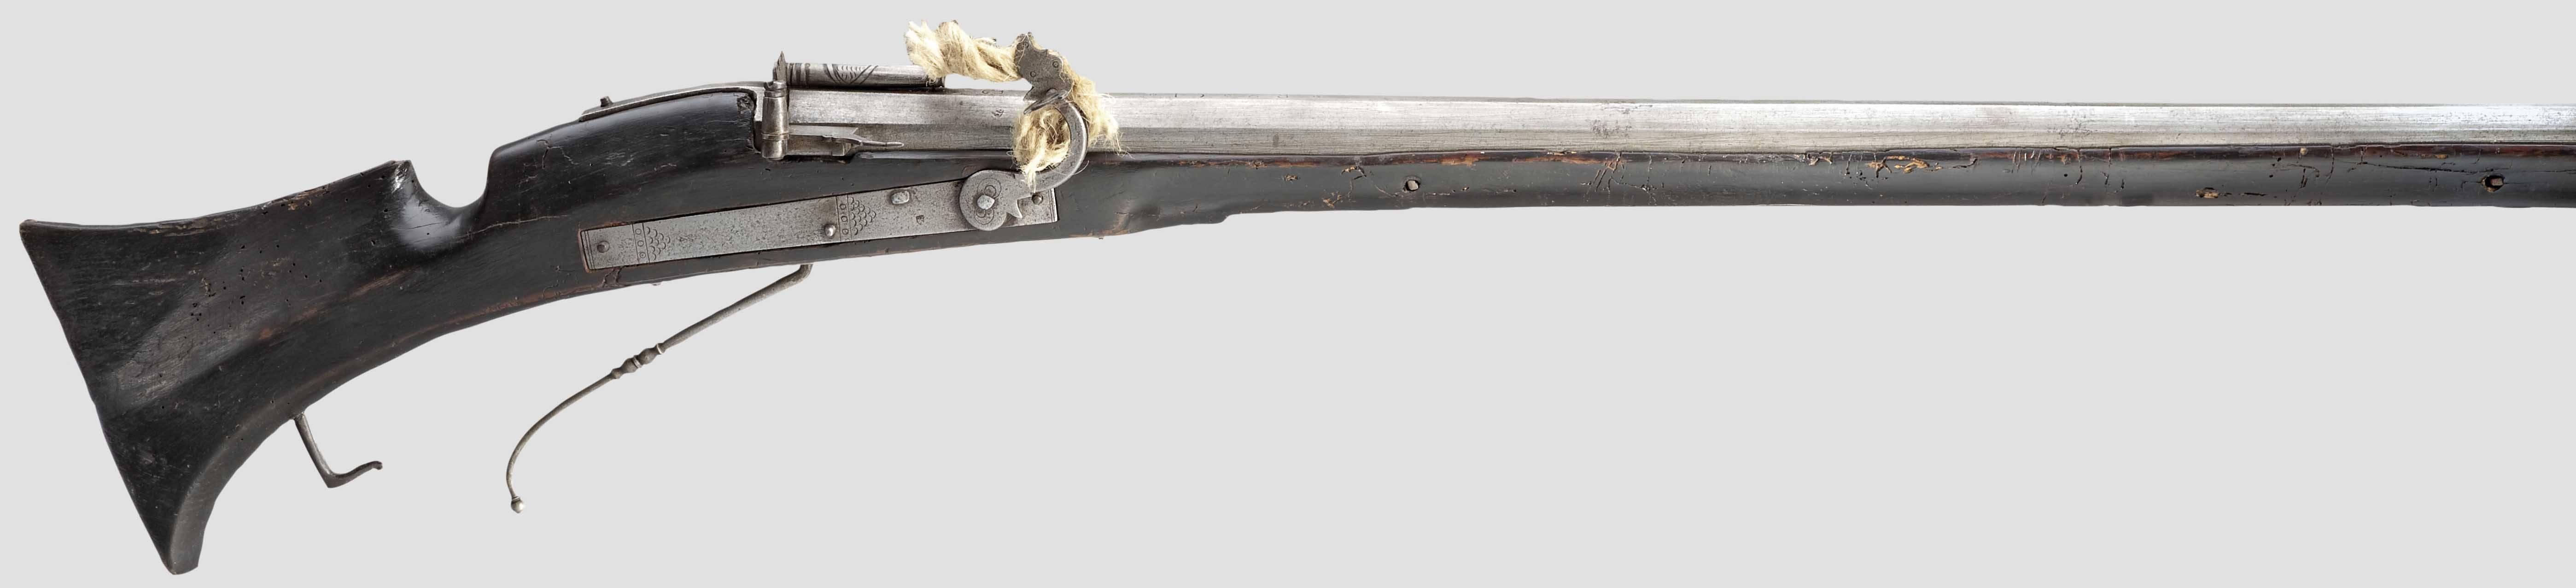 Мушкет — силы пехоты и оружие бравых солдат. что такое мушкет? появление первого мушкета кто изобрел мушкет в 16 веке